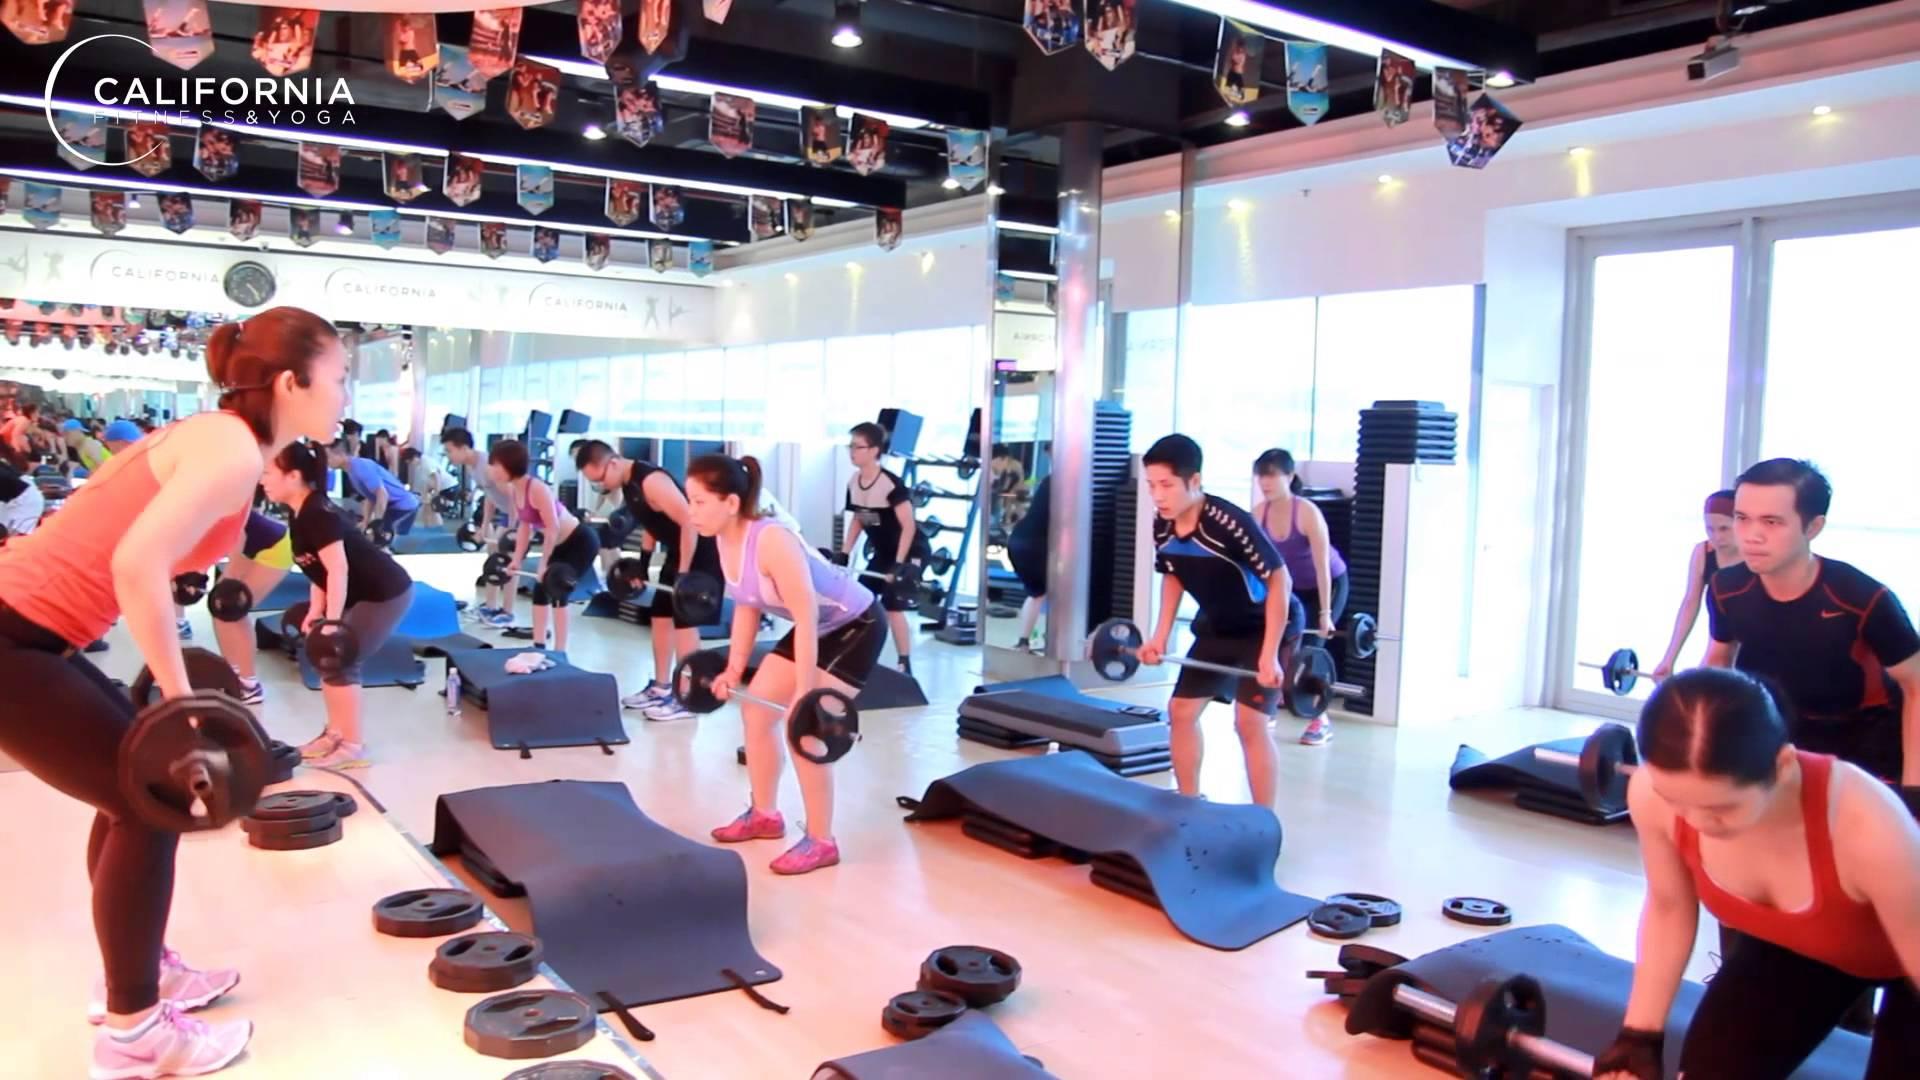 Top 5 phòng gym đang nổi tại Hà Nội, có nơi đang ưu đãi cực hời không phải ai cũng biết - Ảnh 7.